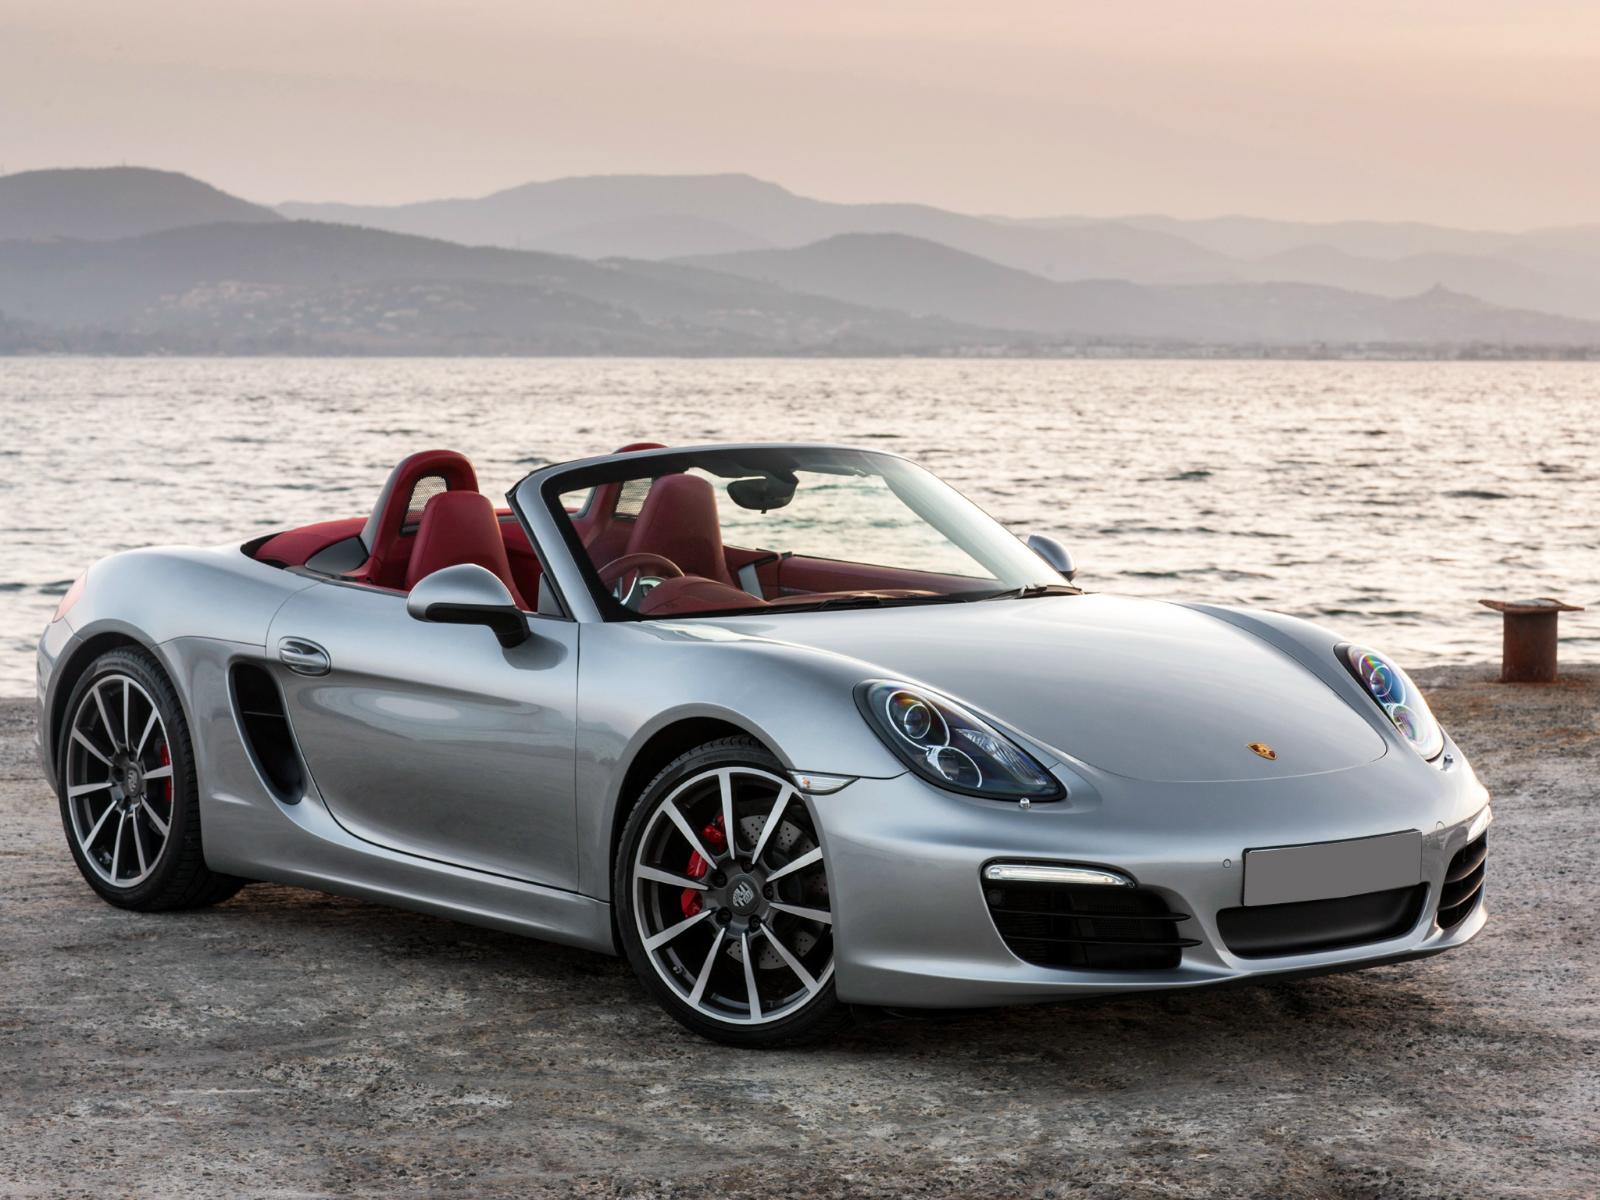 2012 Porsche Boxster Review